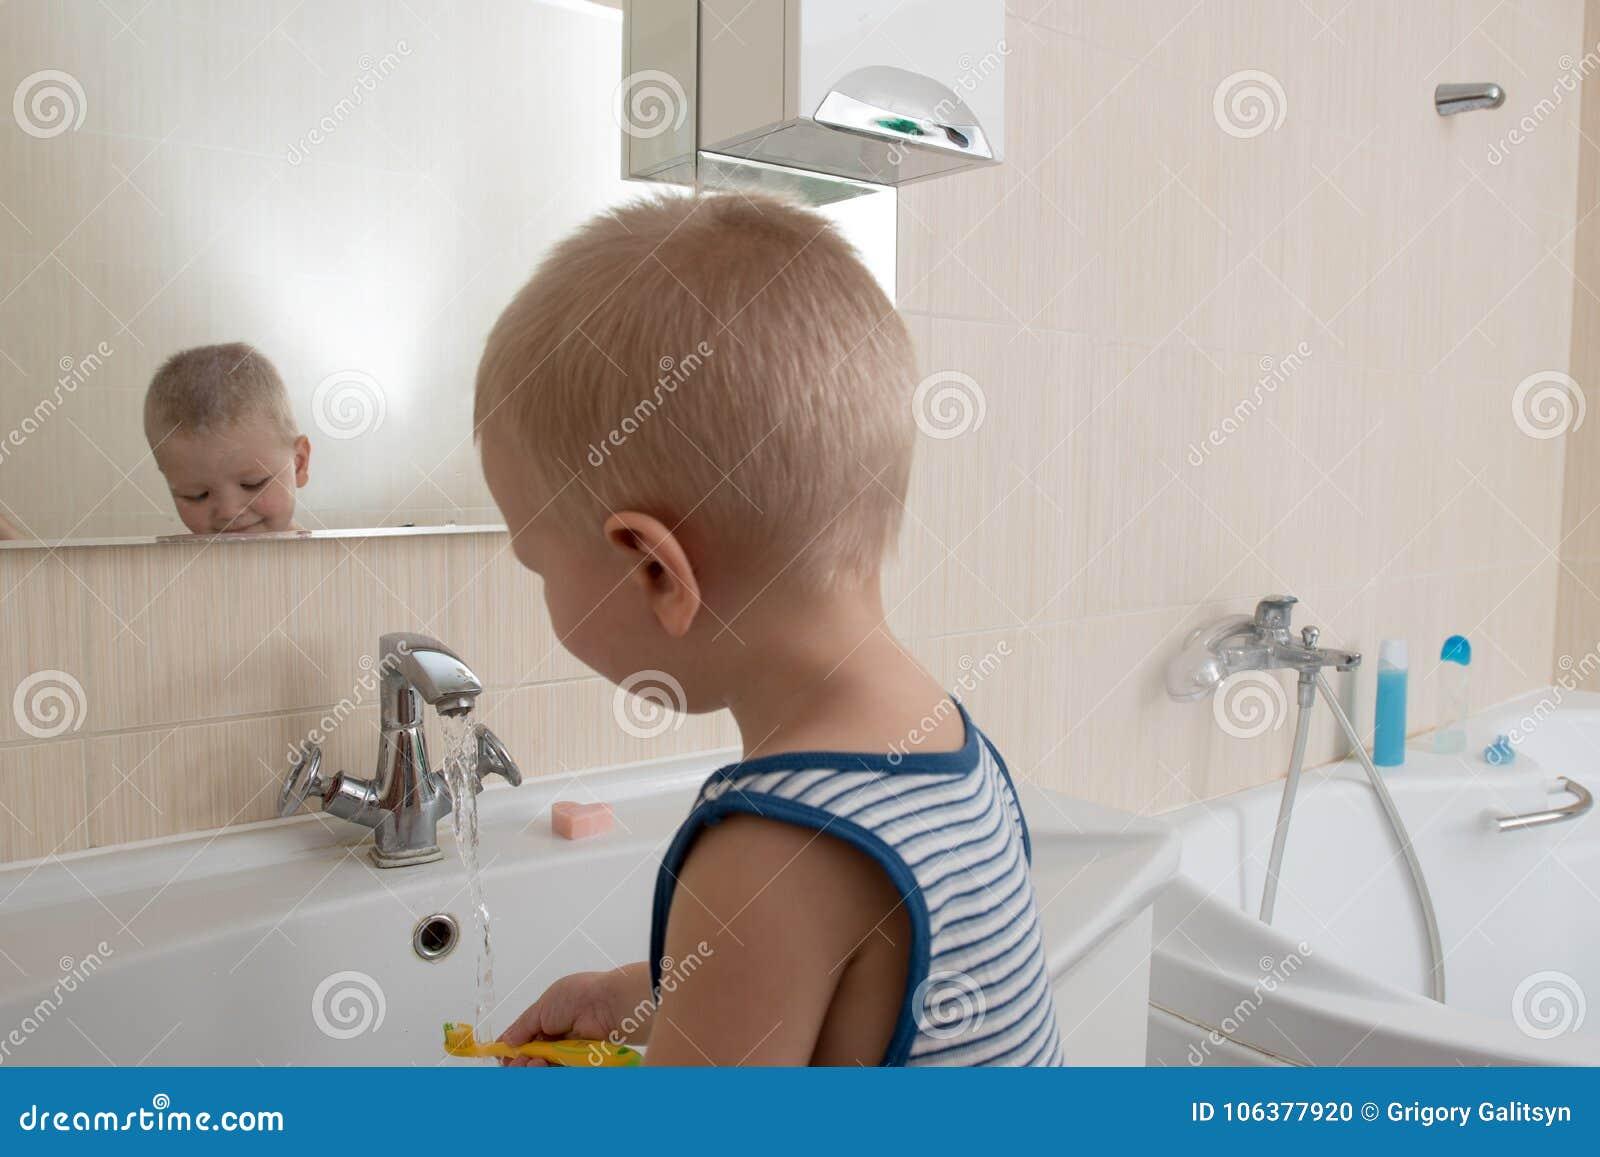 Spülbecken Badezimmer | Glucklicher Junge Der Bad Im Spulbecken Nimmt Kind Das Mit Schaum